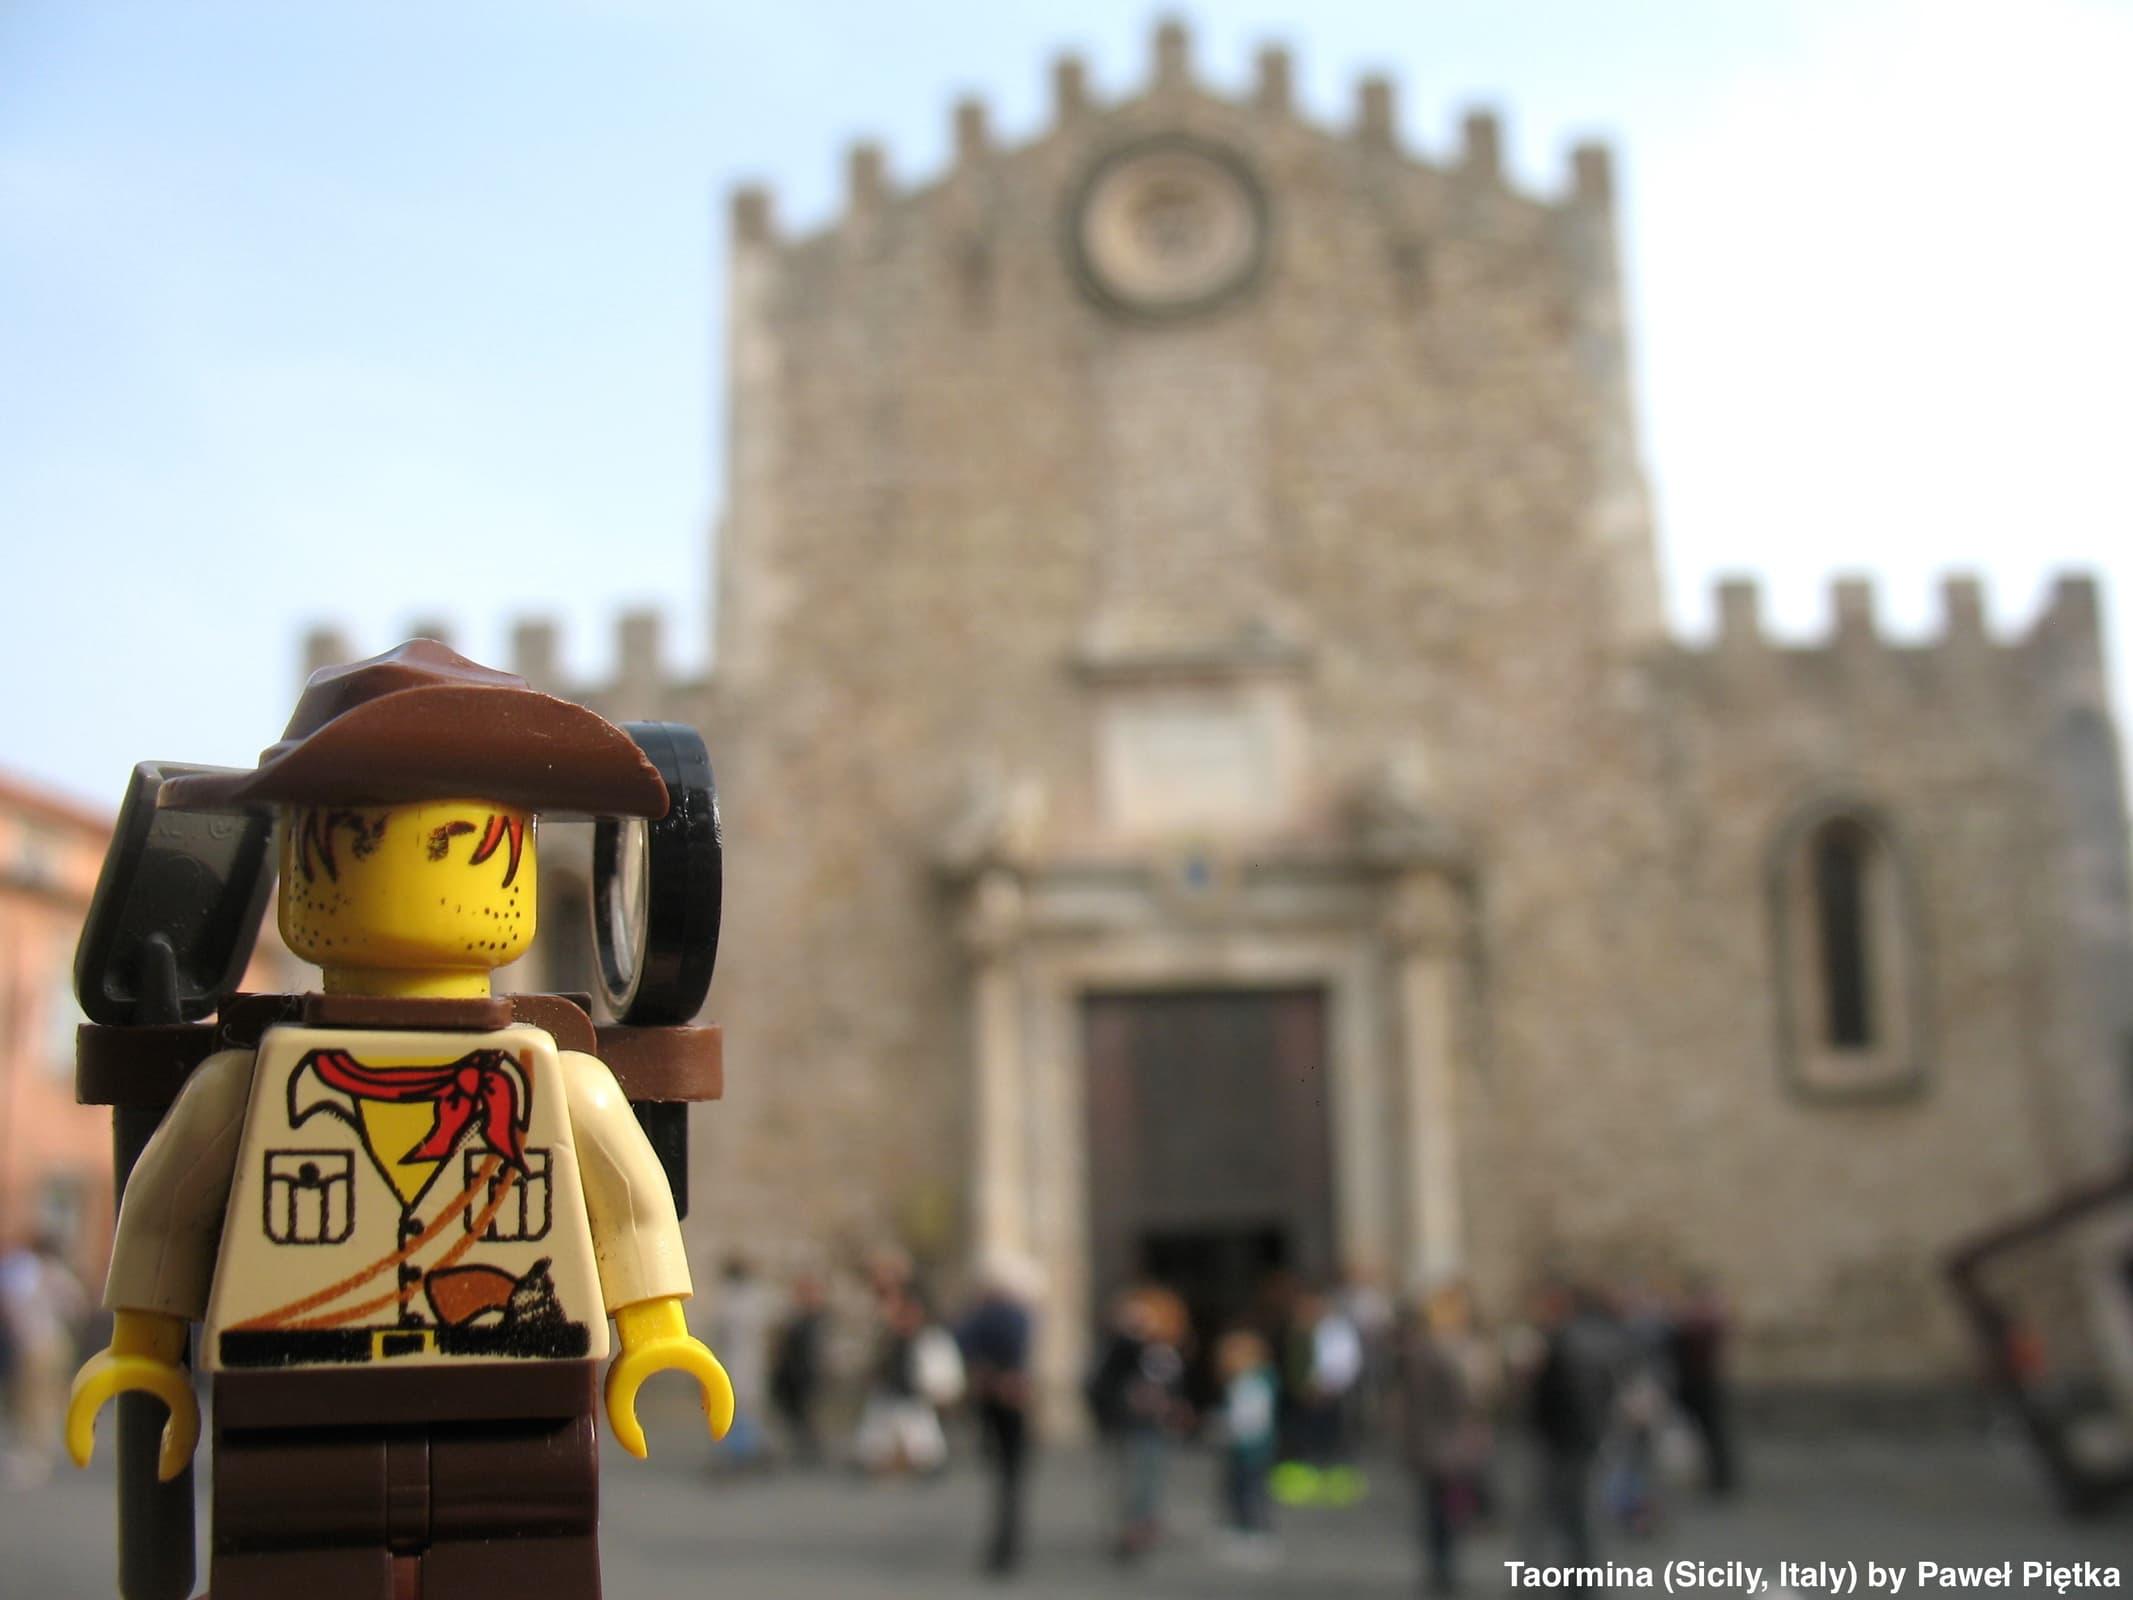 Taormina (Sicily, Italy) - Duomo